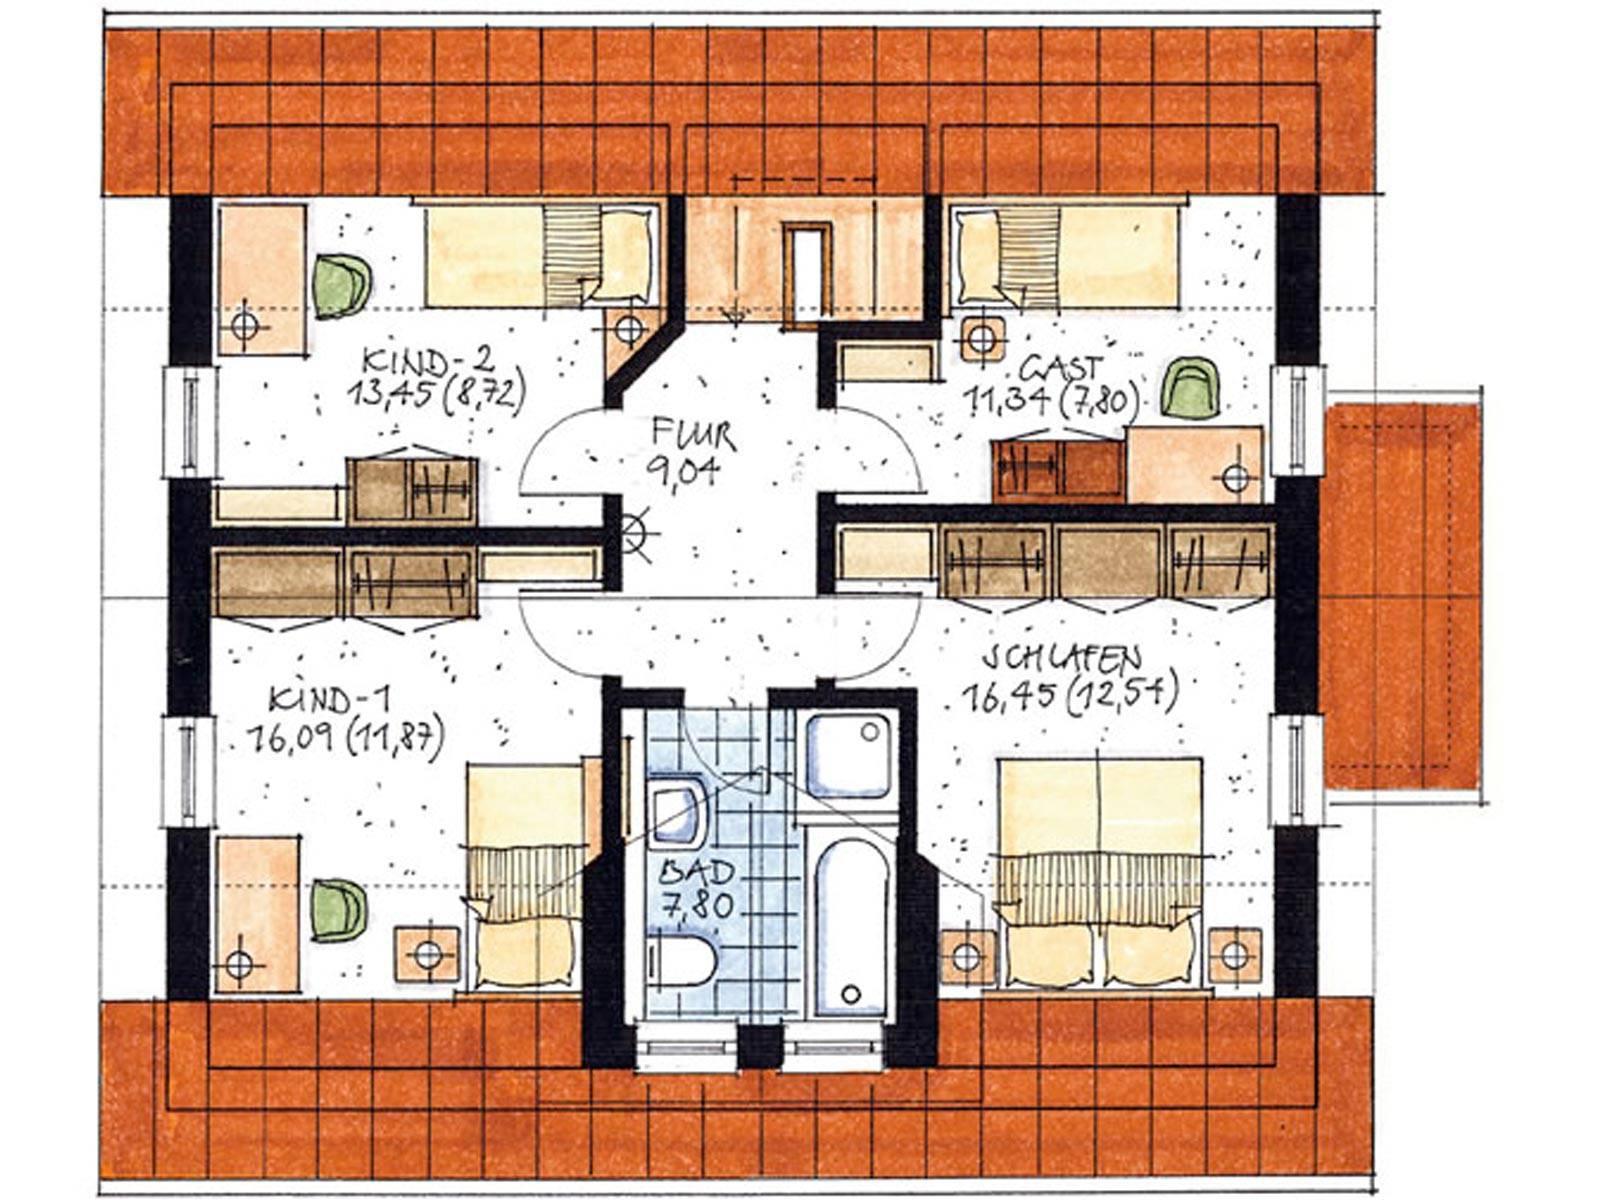 Haus Hamm Grundriss Dachgeschoss